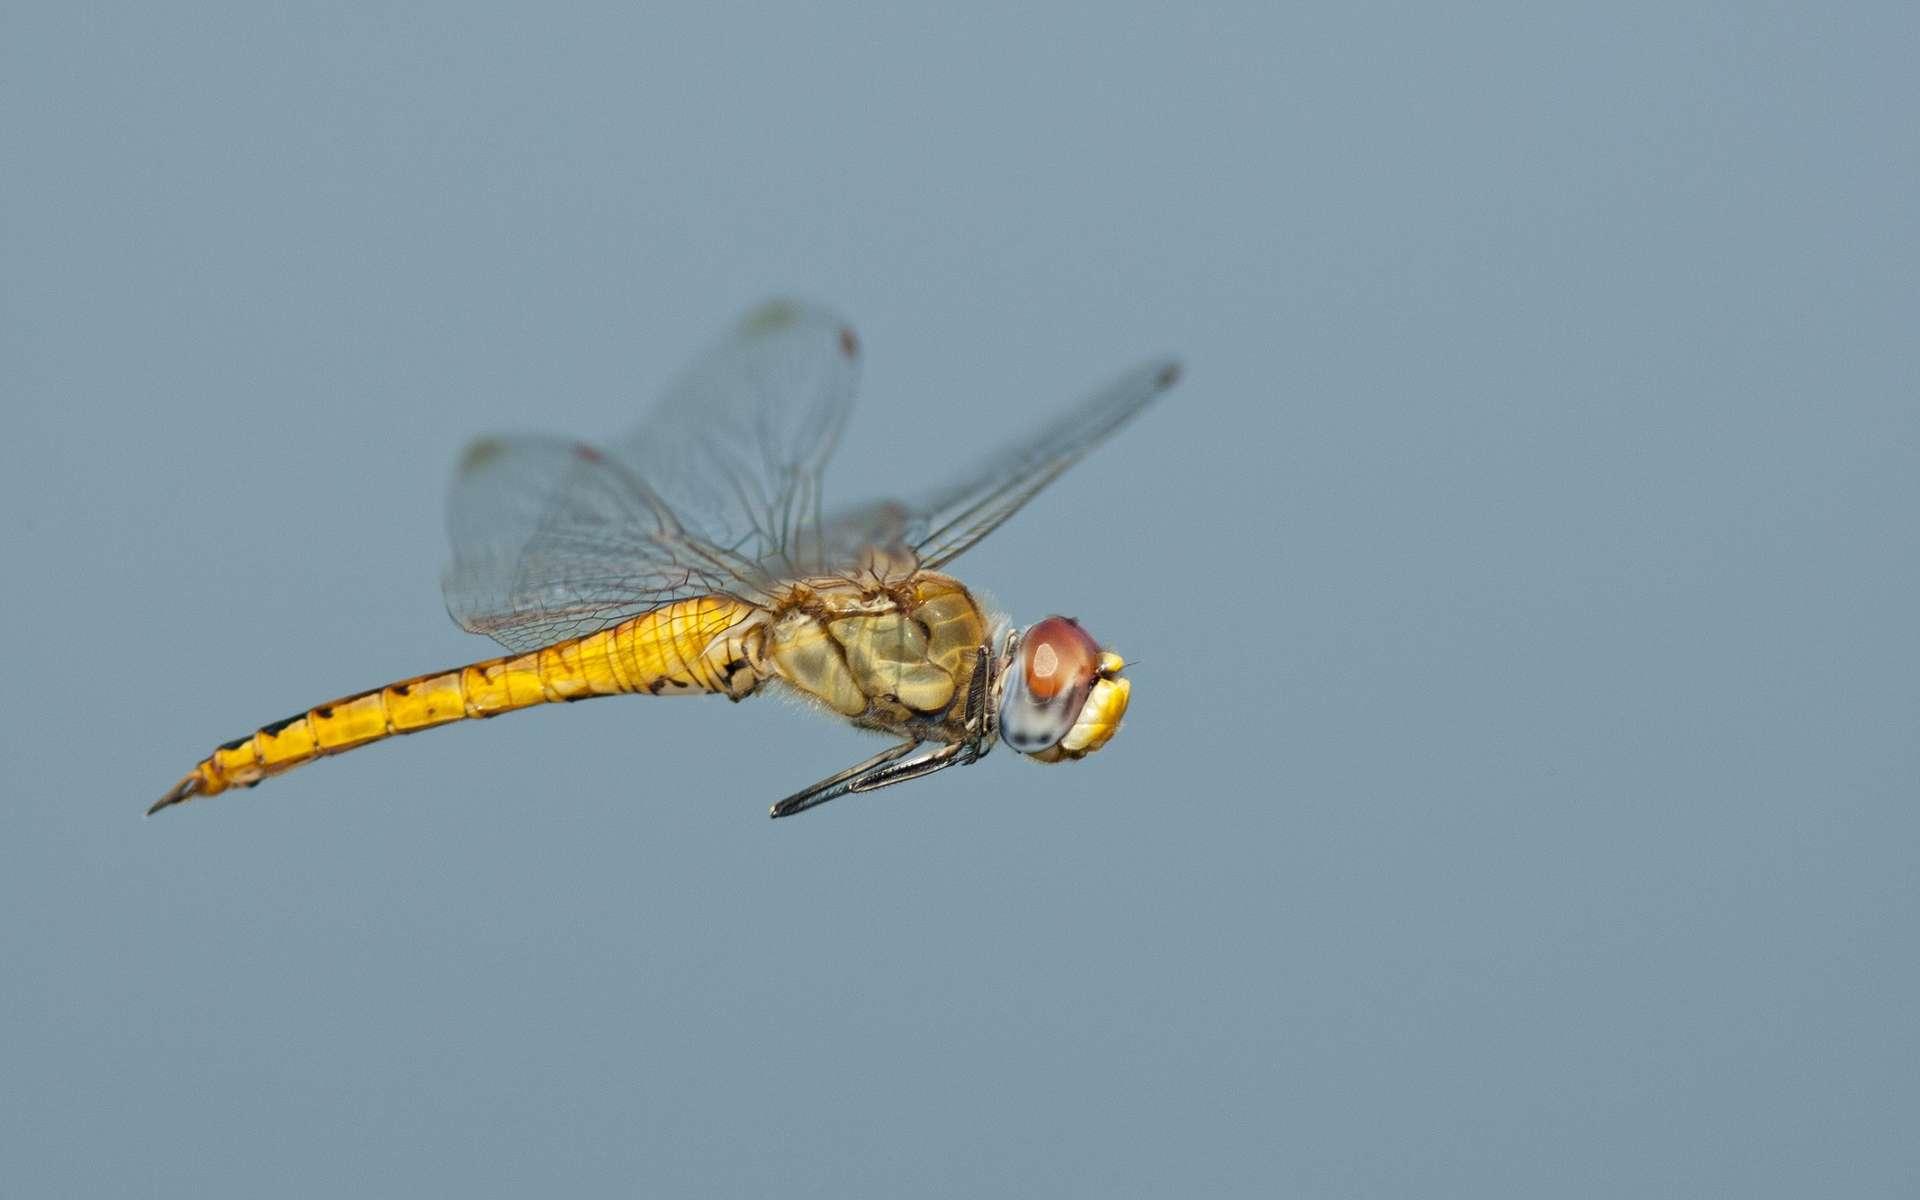 Le corps et les grandes ailes de la libellule Pantala flavescens ont évolué de manière à ce que l'insecte voyage sur de longues distances, avec les courants. © Greg Lasley